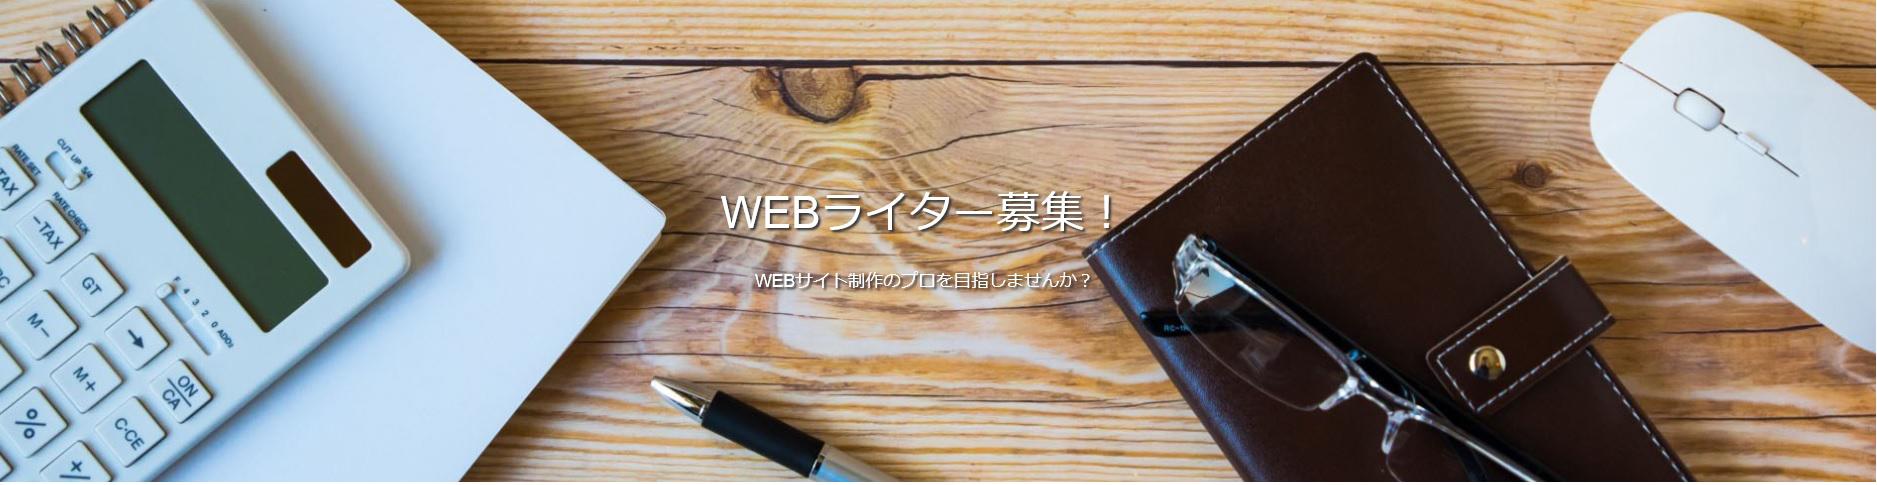 ブリジアはWebライターを募集致します。